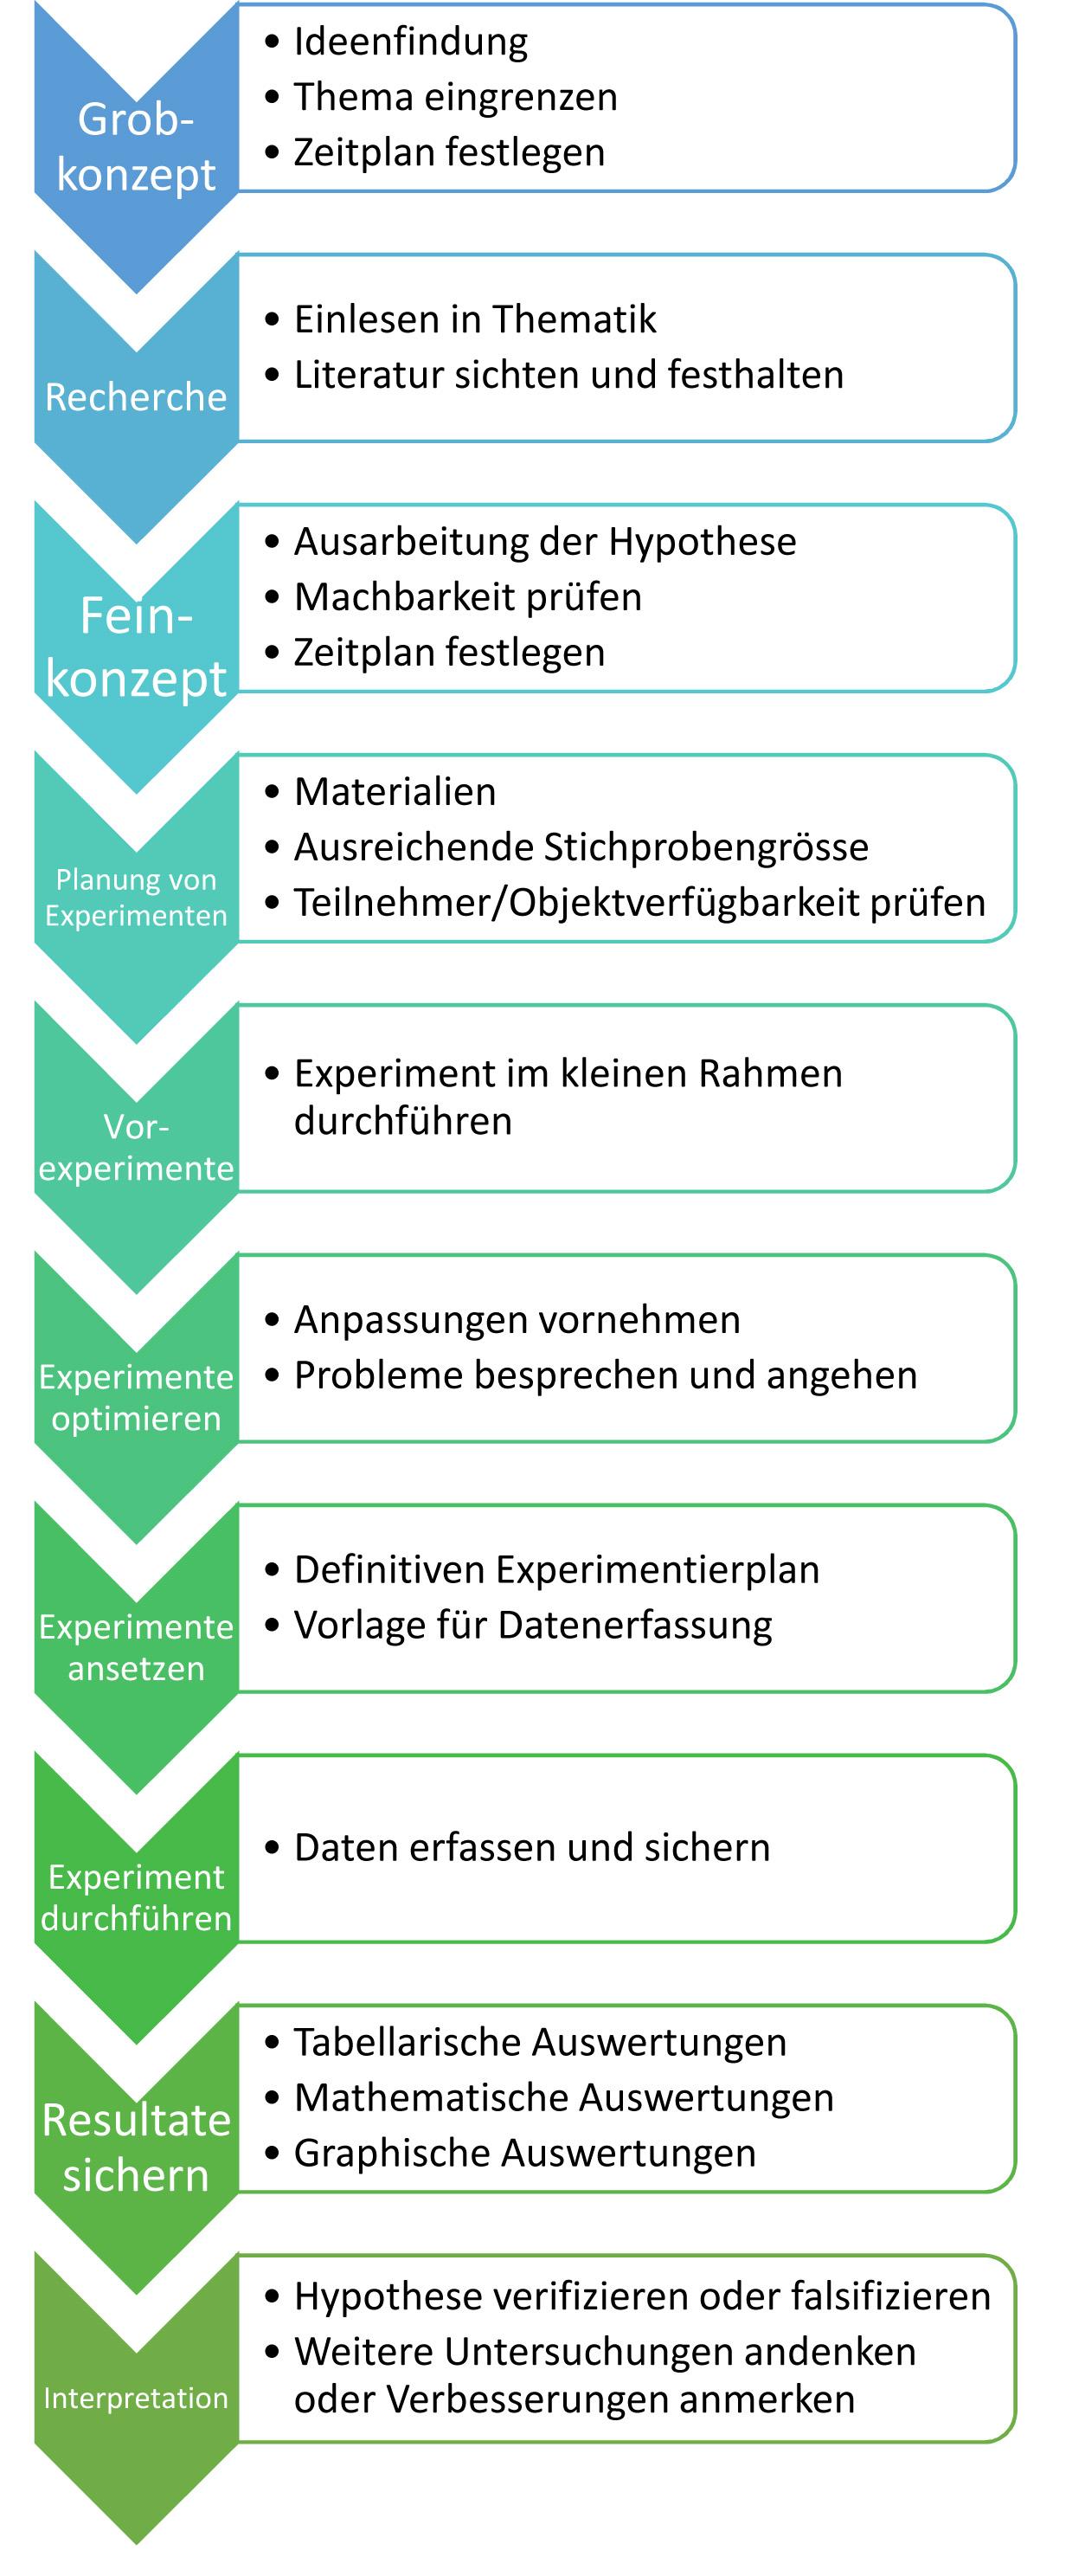 Schön Hypothese Vorlage Fotos - Beispielzusammenfassung Ideen ...